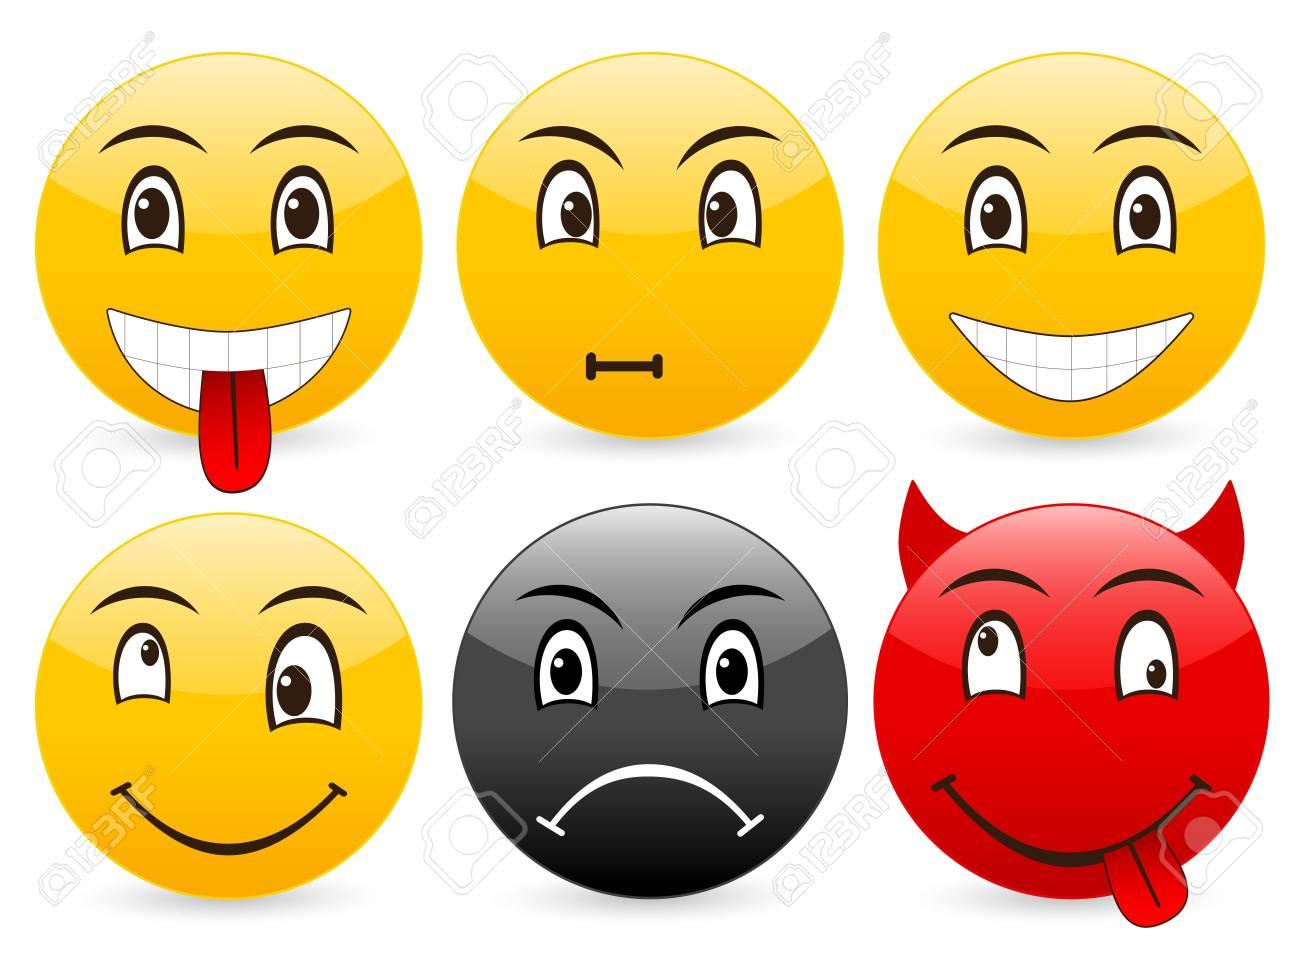 Smile set icon on a white background. Stock Photo - 3683496